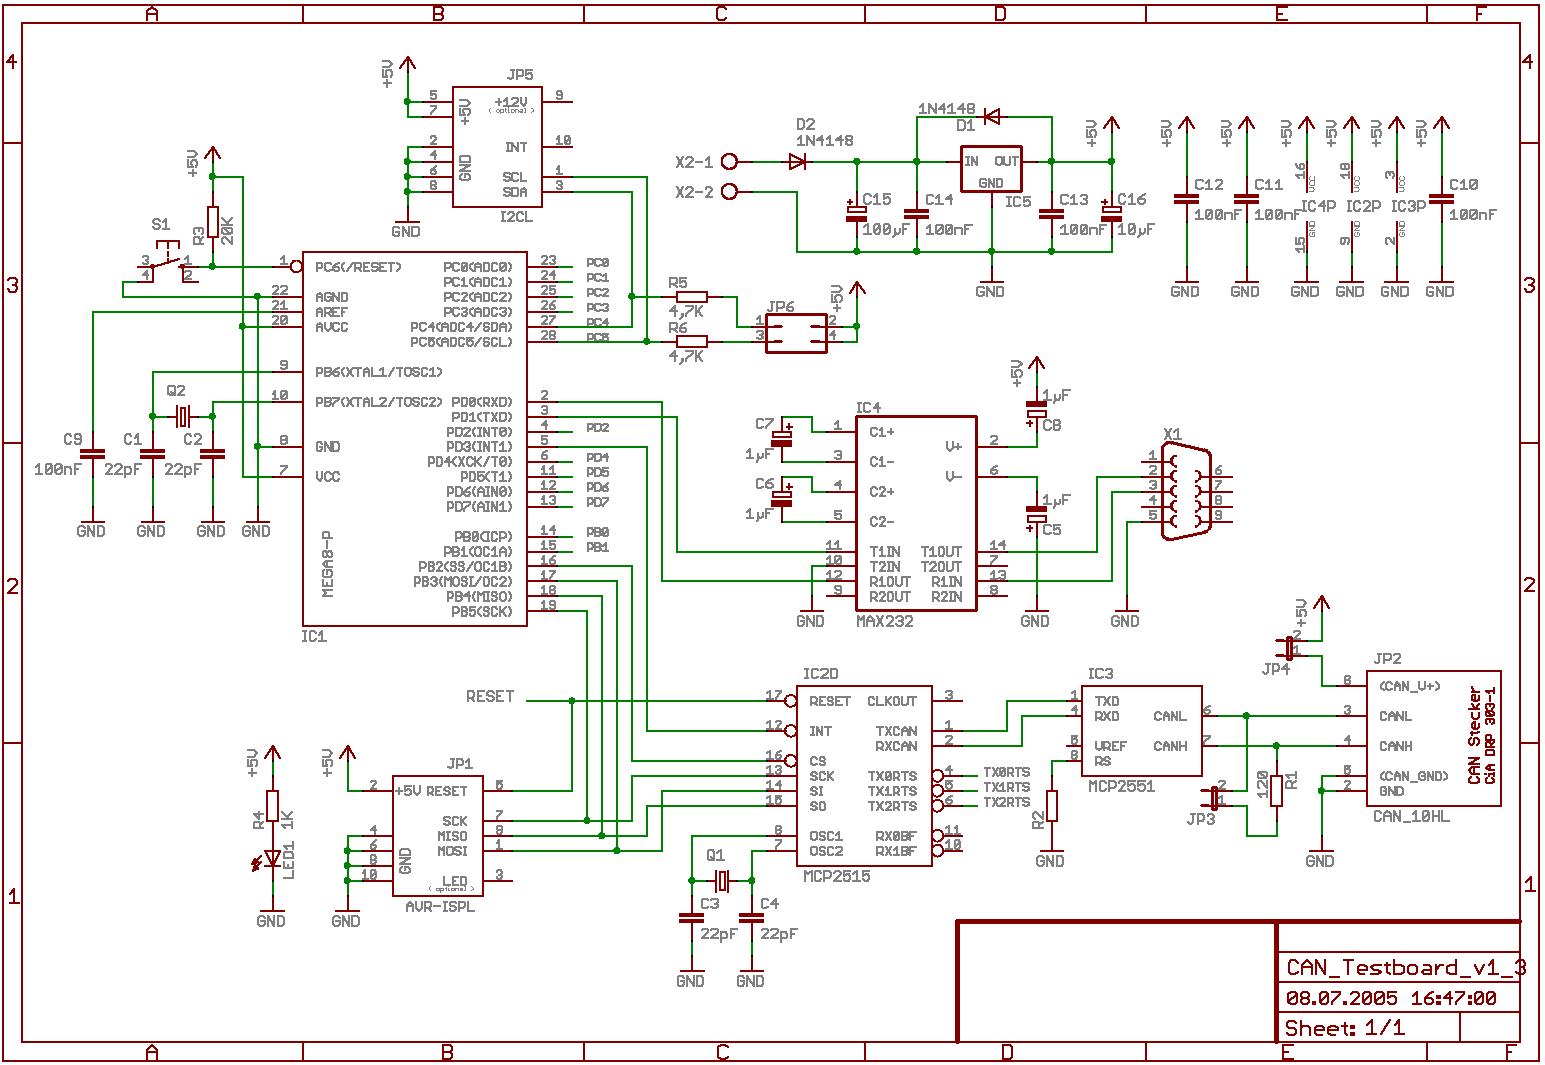 Gemütlich Elektronik Schaltpläne Bilder - Schaltplan Serie Circuit ...